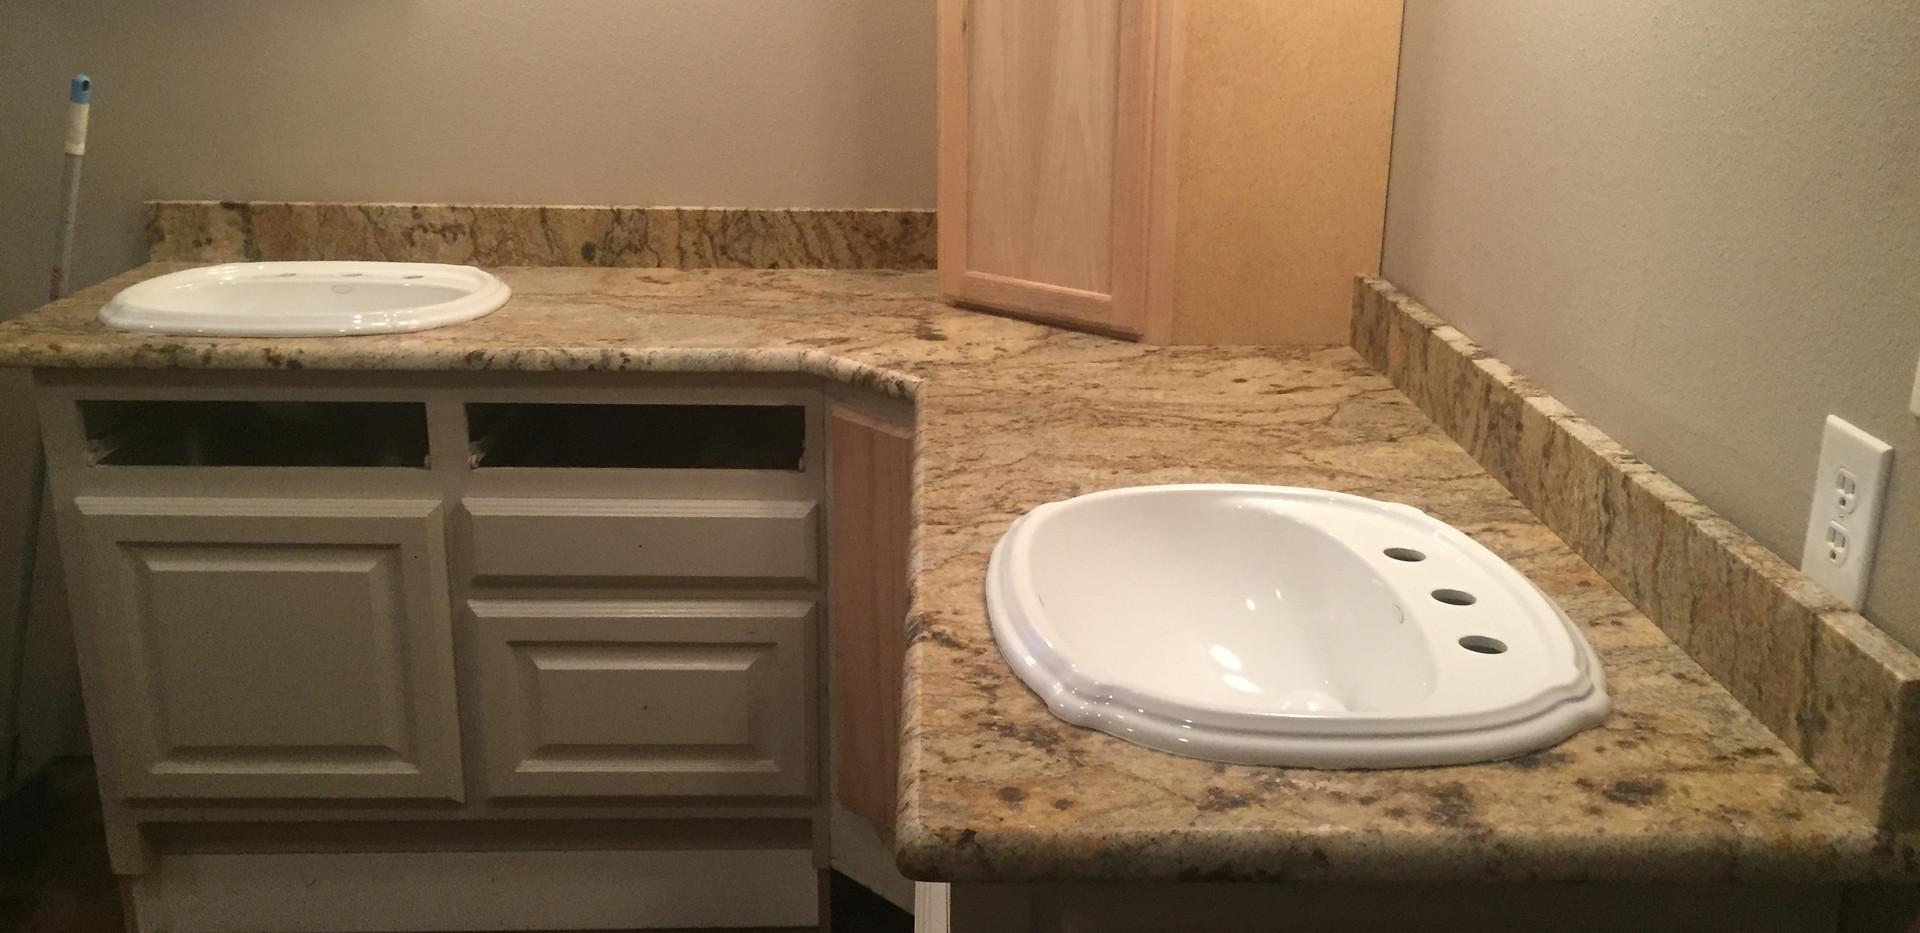 tan_granite_vanity_bathroom.JPG